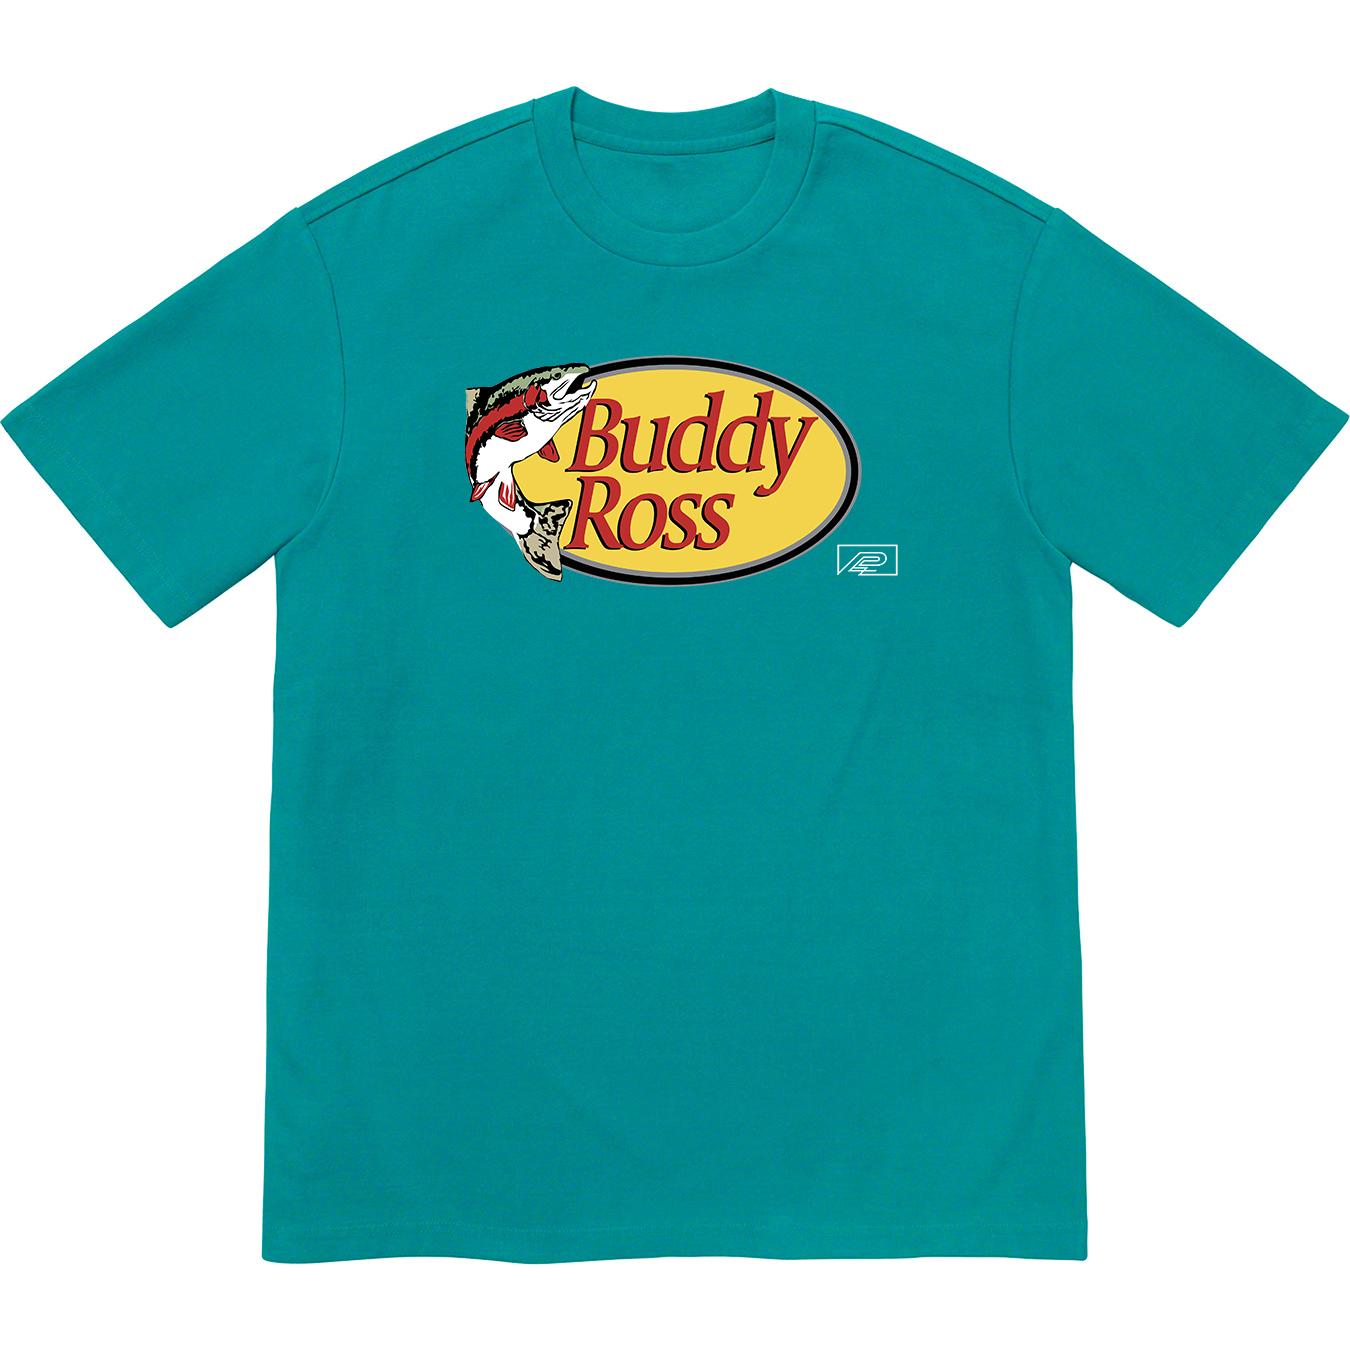 BUDDY ROSS T-SHIRT - JADE